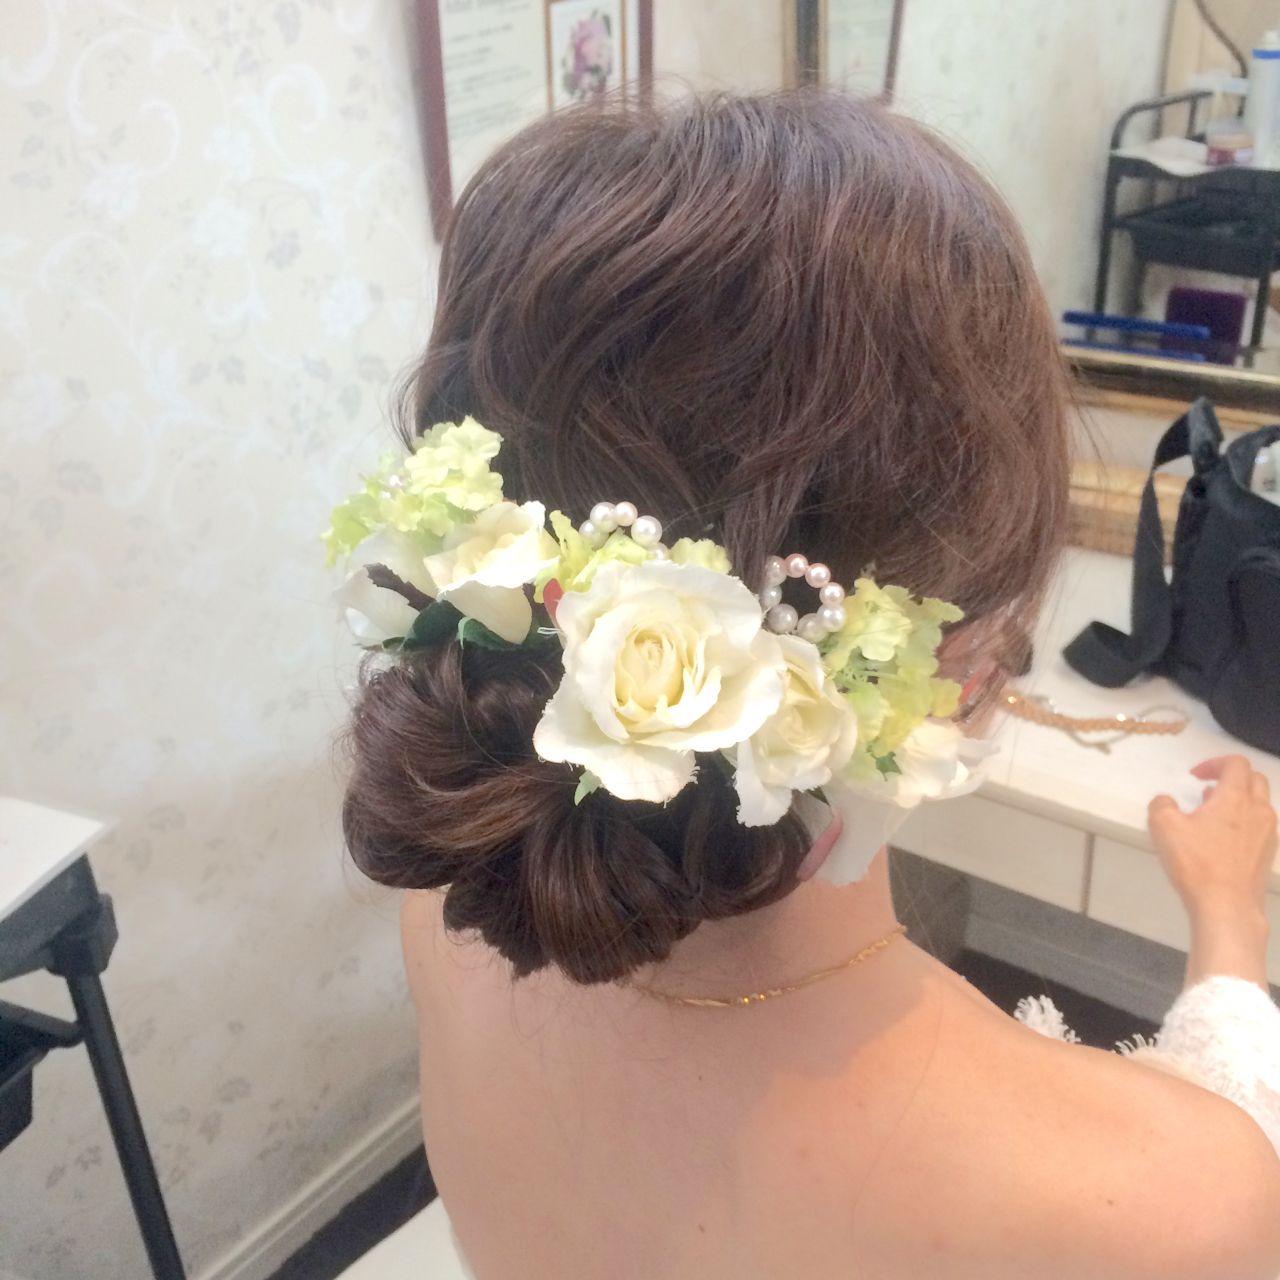 ブライダル ヘアアレンジ ロング アップスタイル ヘアスタイルや髪型の写真・画像